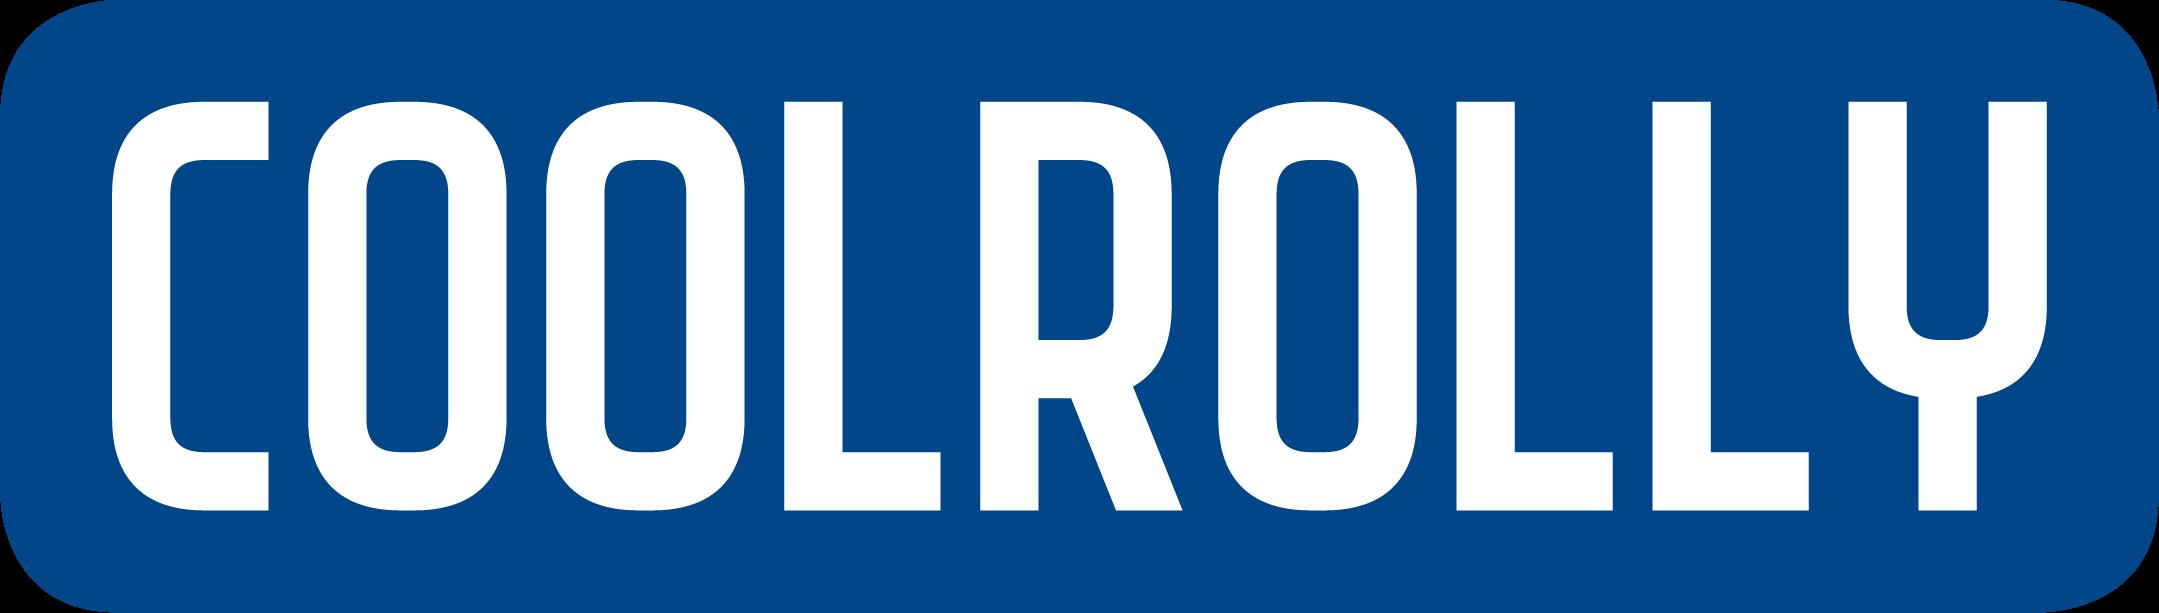 CoolRolly logo carousel modellen - Multiwagon